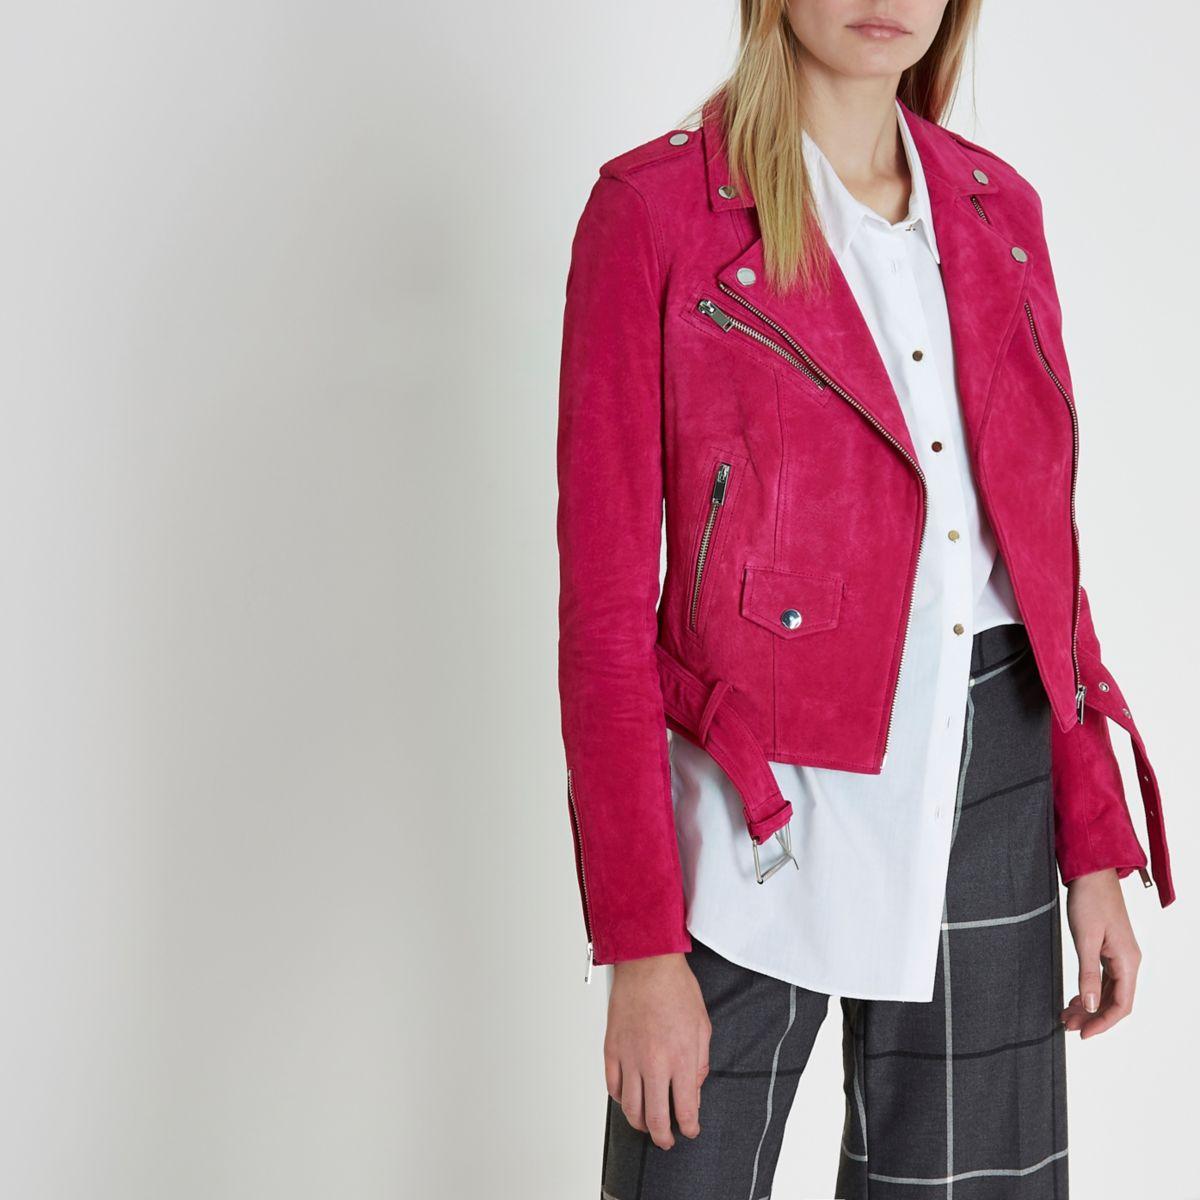 Bright pink suede biker jacket